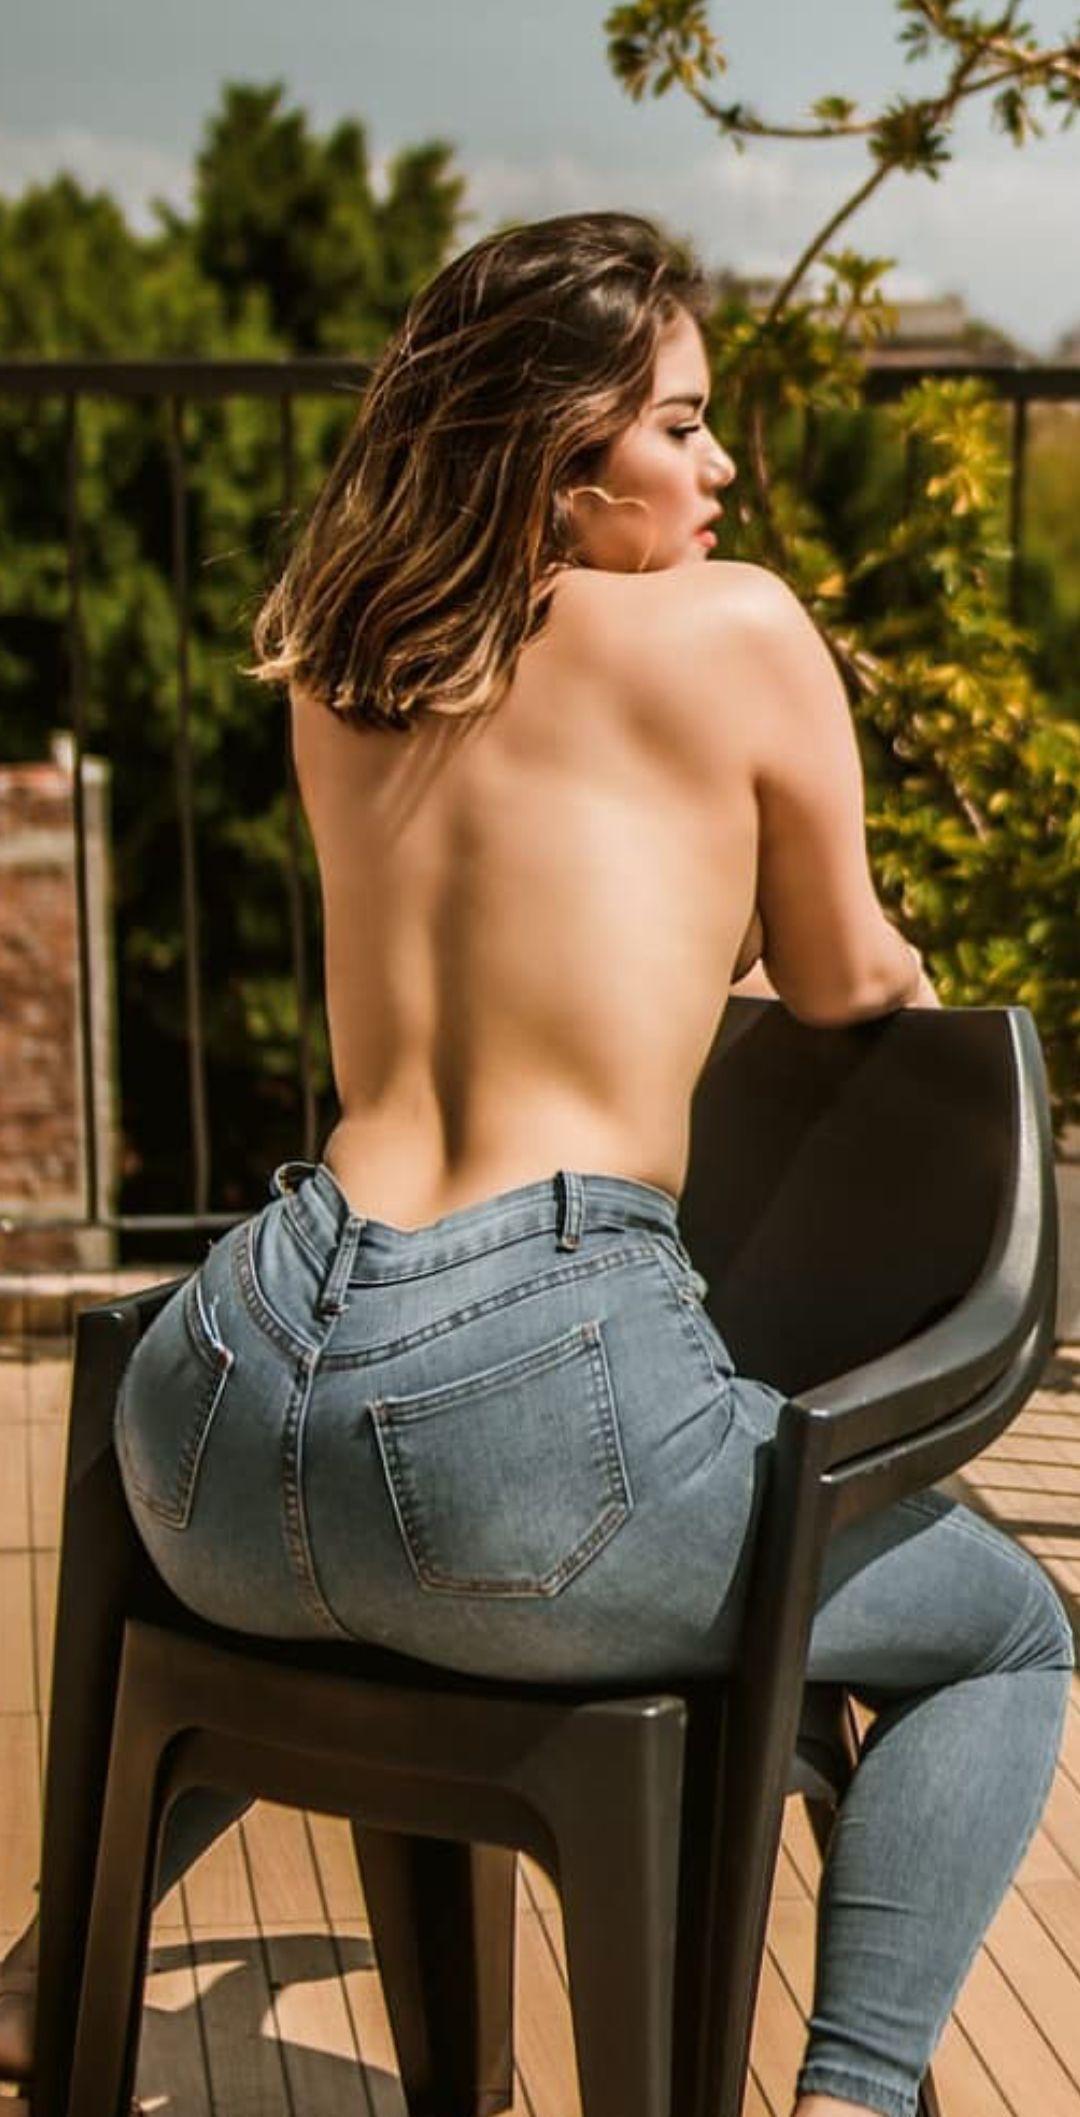 Mei Cornejo Onlyfans Leaked Nudes 0025